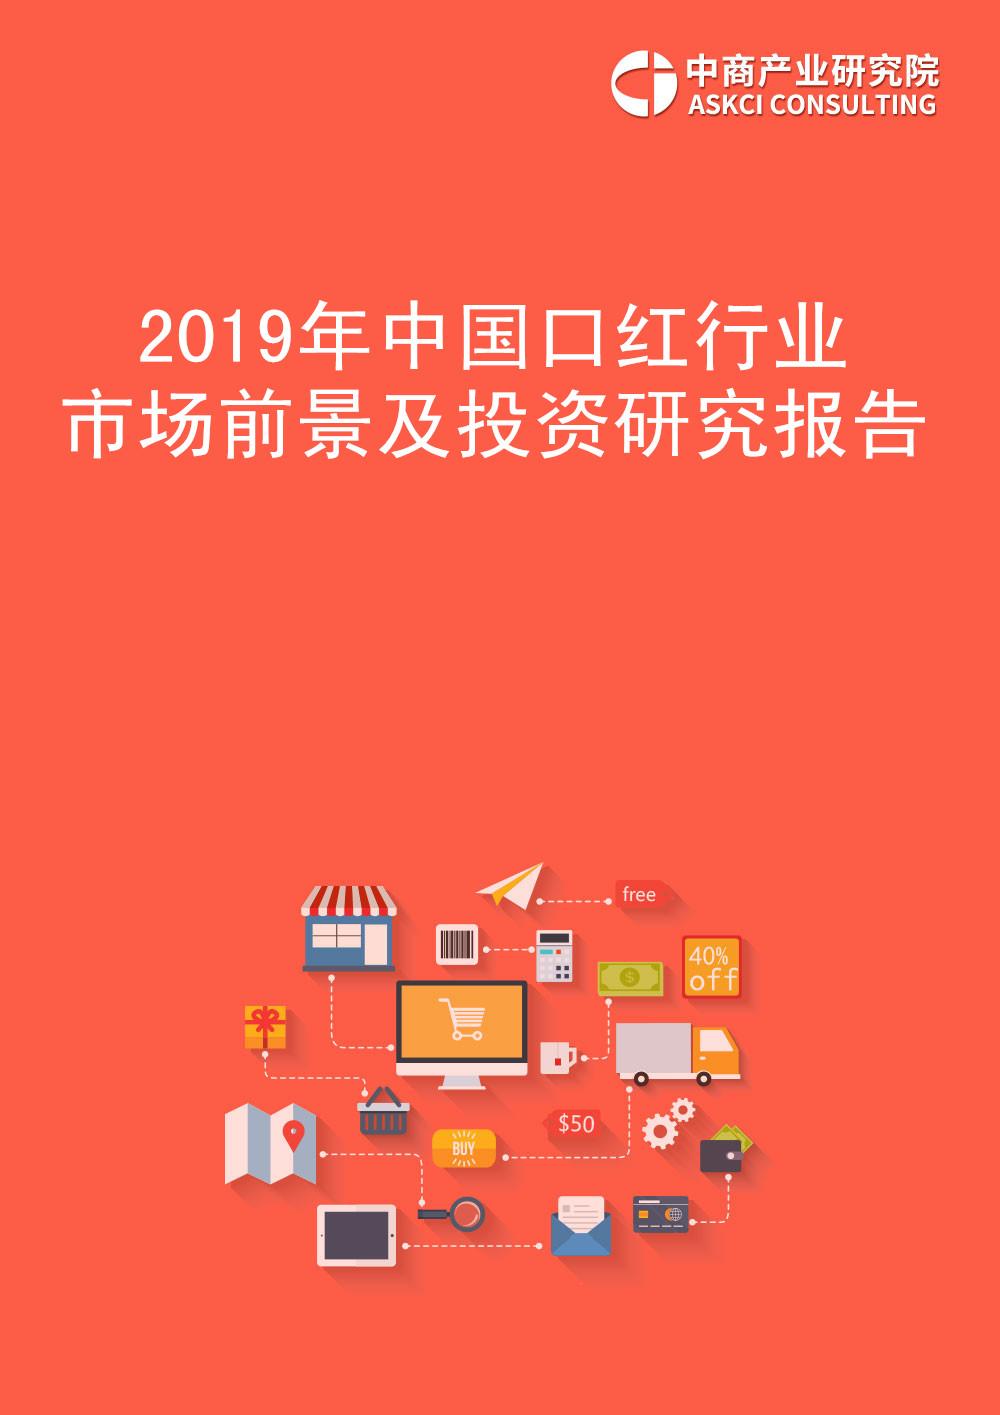 2019年中国口红行业市场前景及投资研究报告